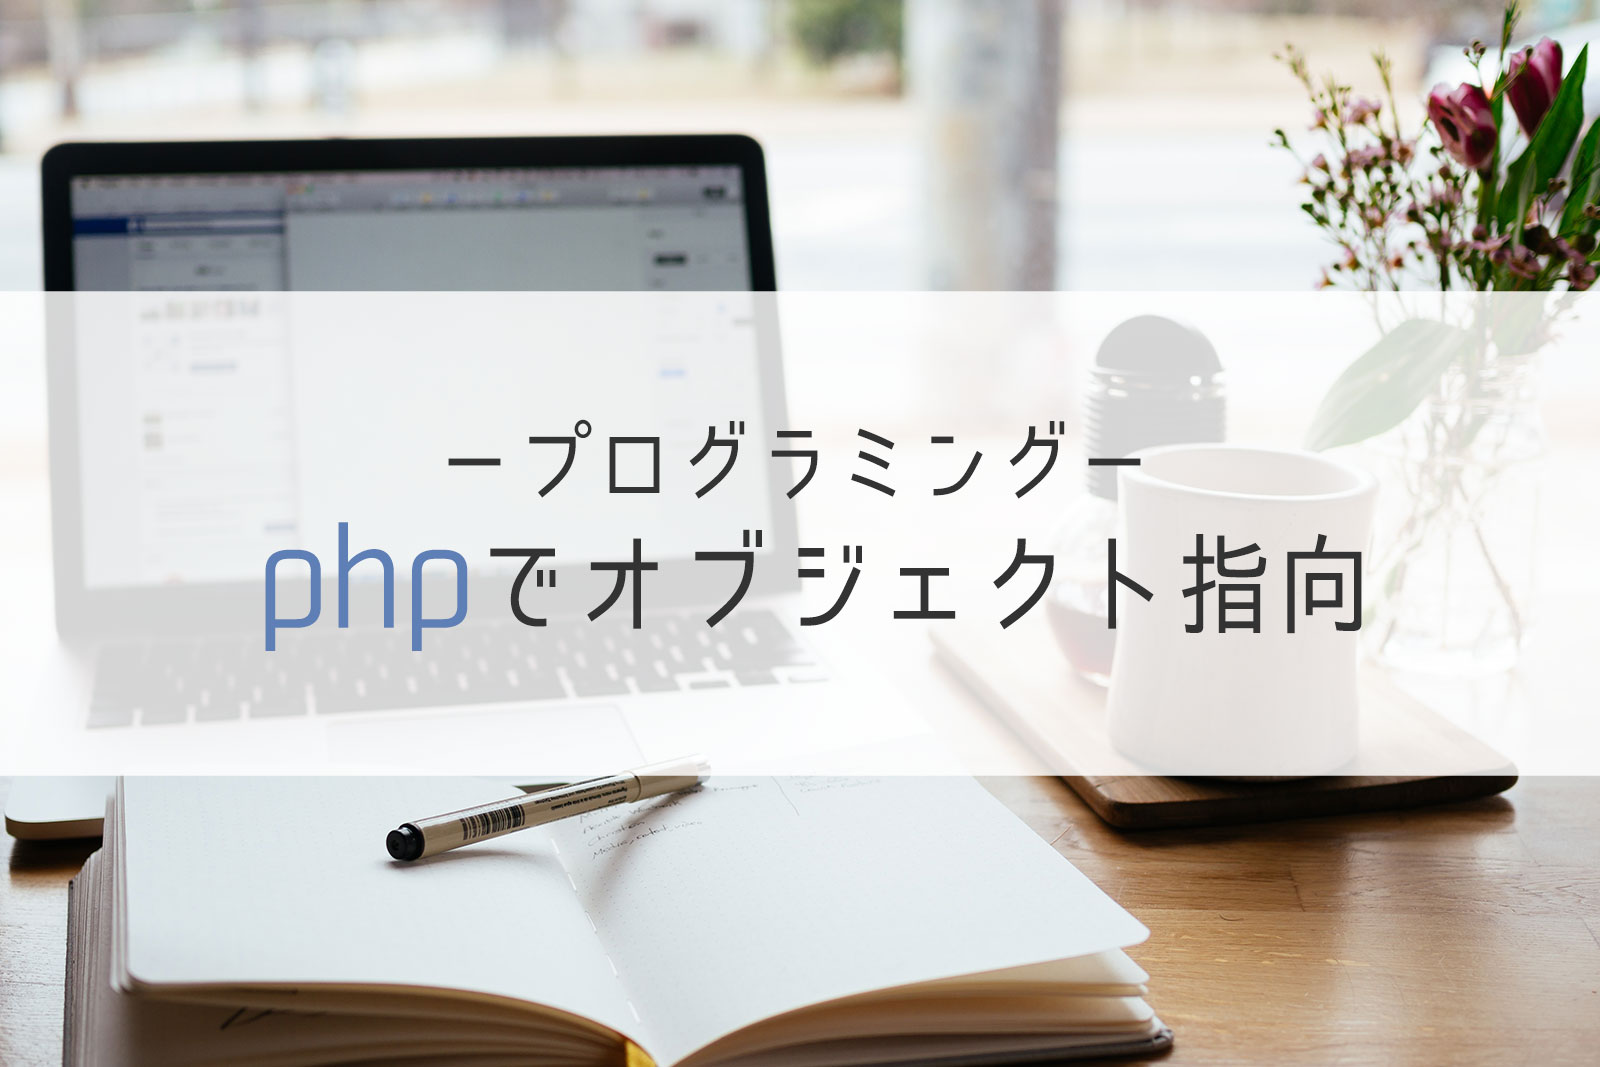 【プログラミング】オブジェクト指向についてまとめ〜クラス・コンストラクト・メソッド・アクセス権・継承・オーバーライド〜